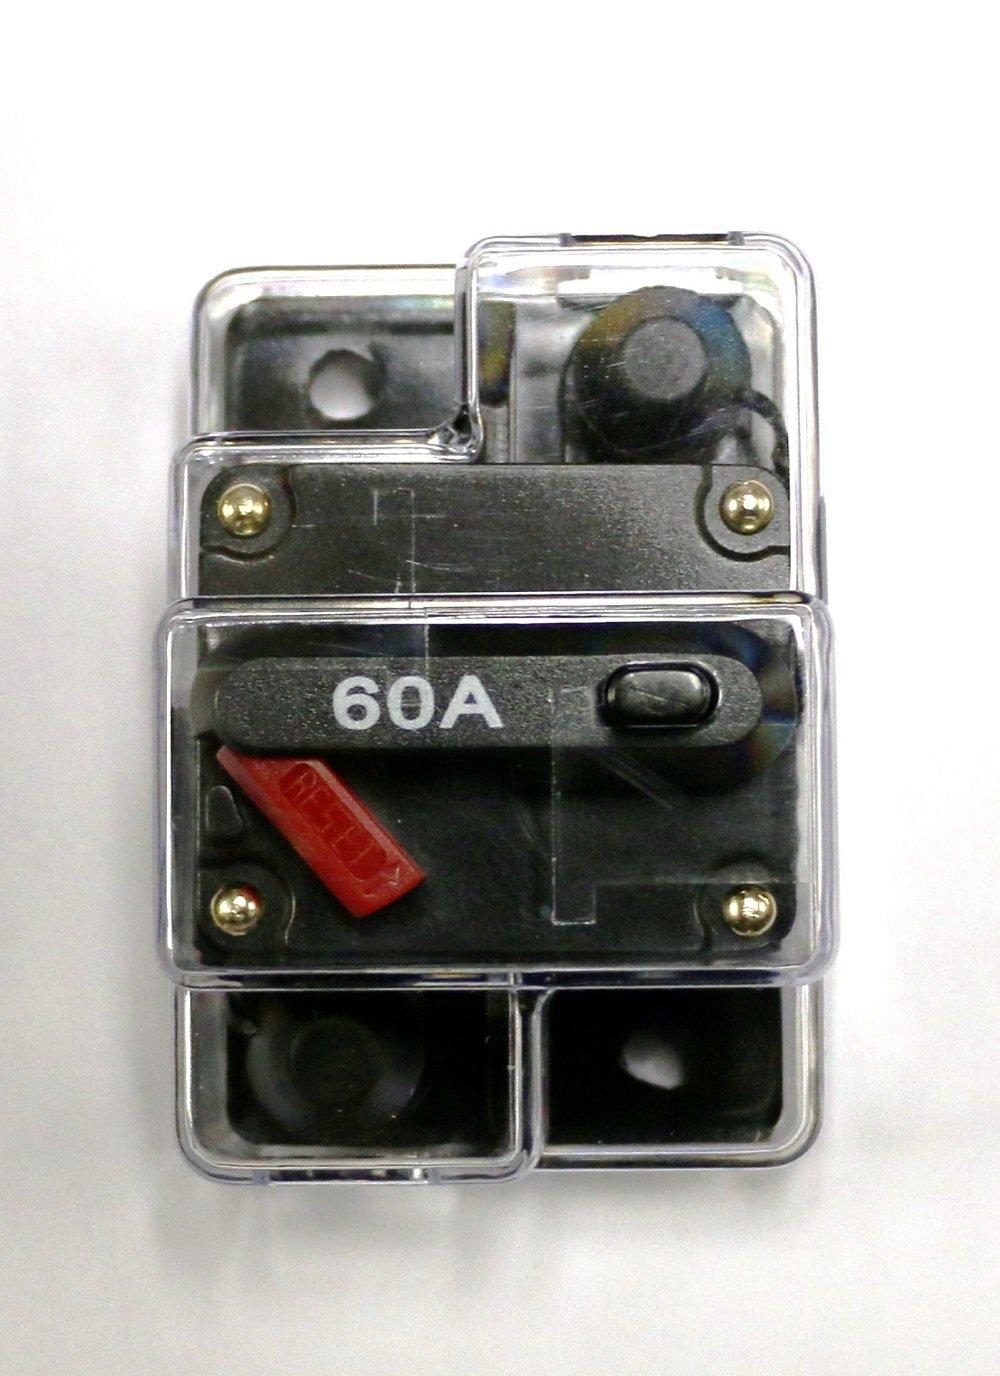 Amazon.com : Caliber CB60 60amp Marine Grade Circuit Breaker 60a w ...